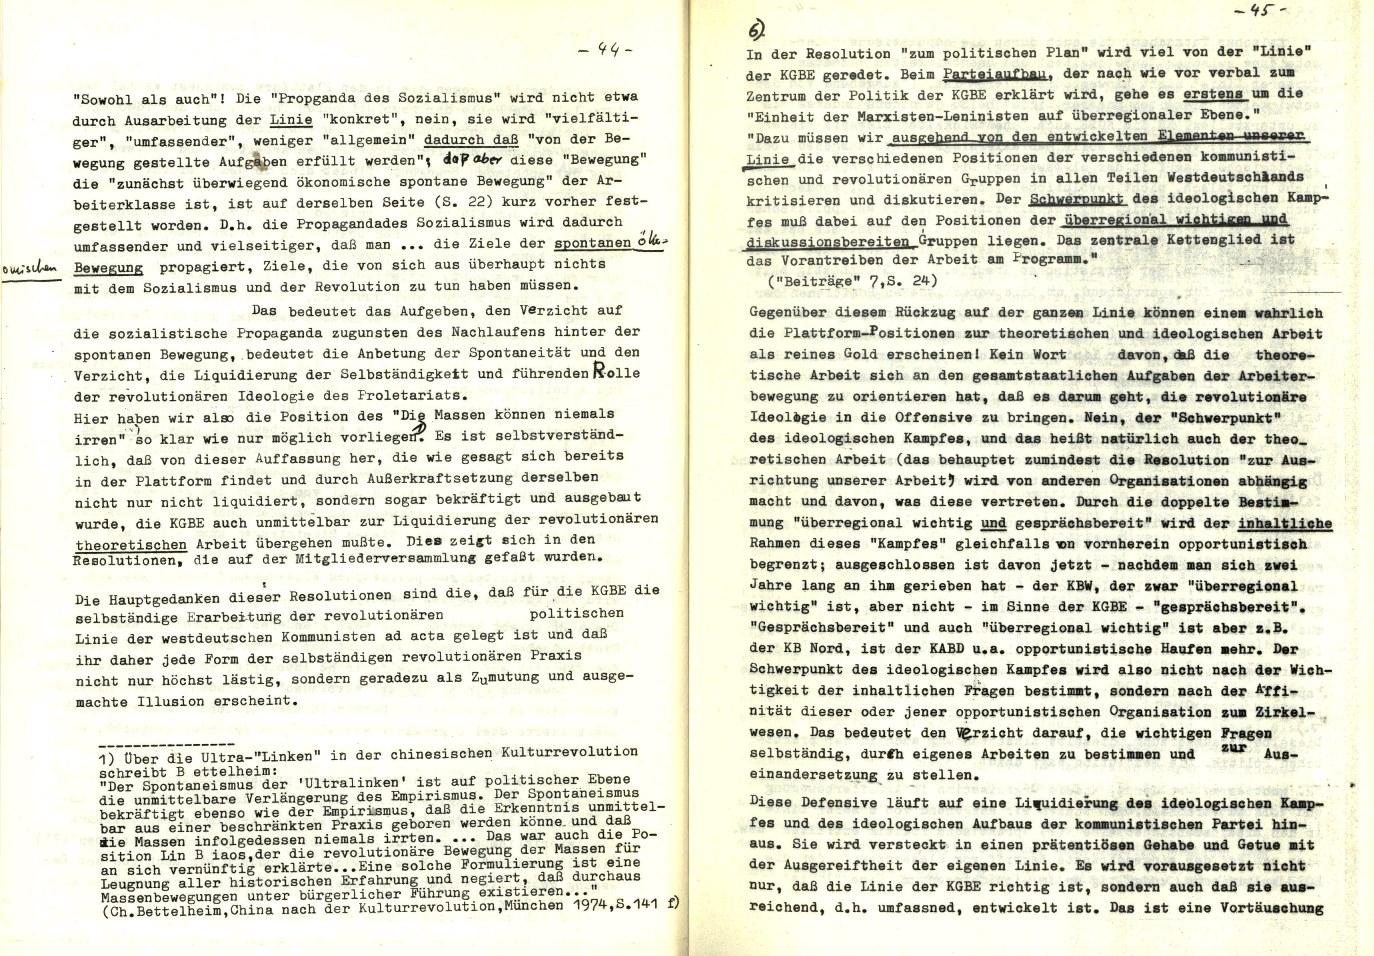 KGBE_Ehemalige_1977_Kritik_an_der_KGBE_26